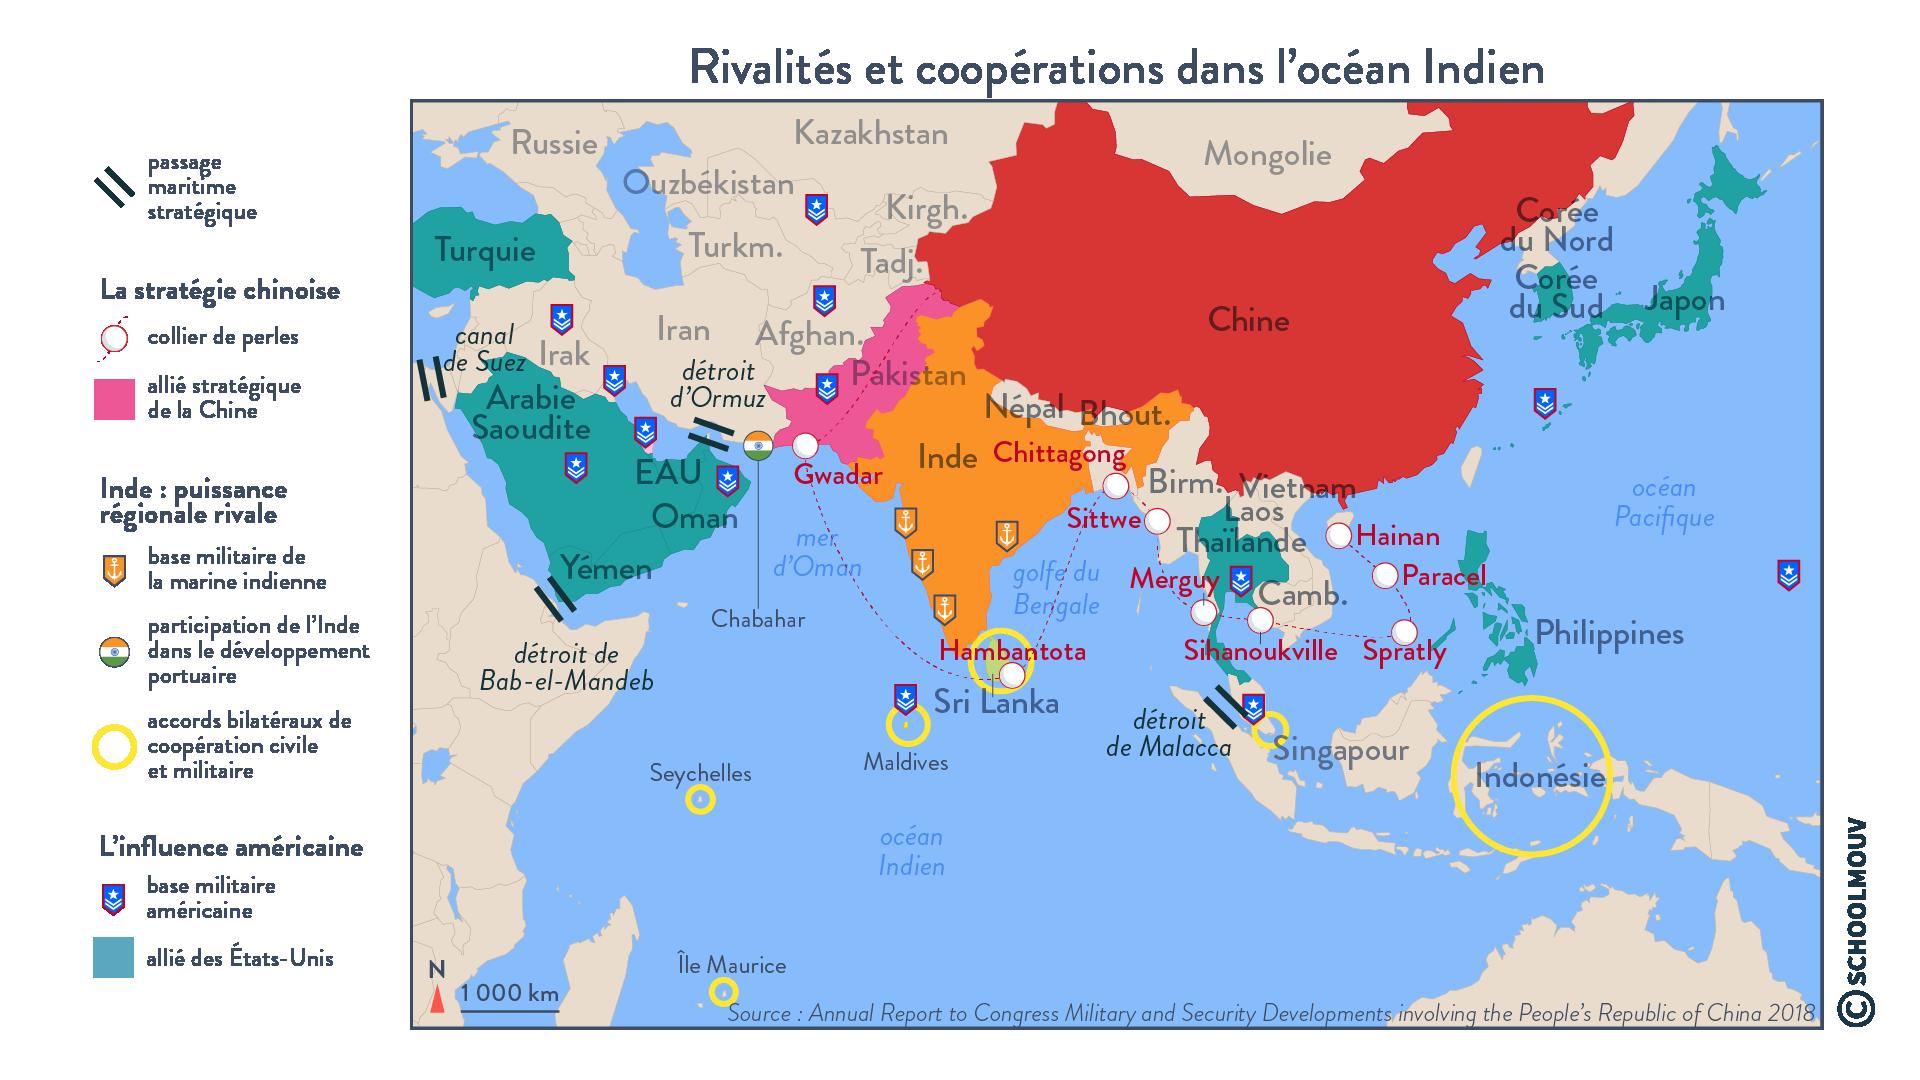 Rivalités et coopérations dans l'océan Indien - géographie - terminale - SchoolMouv